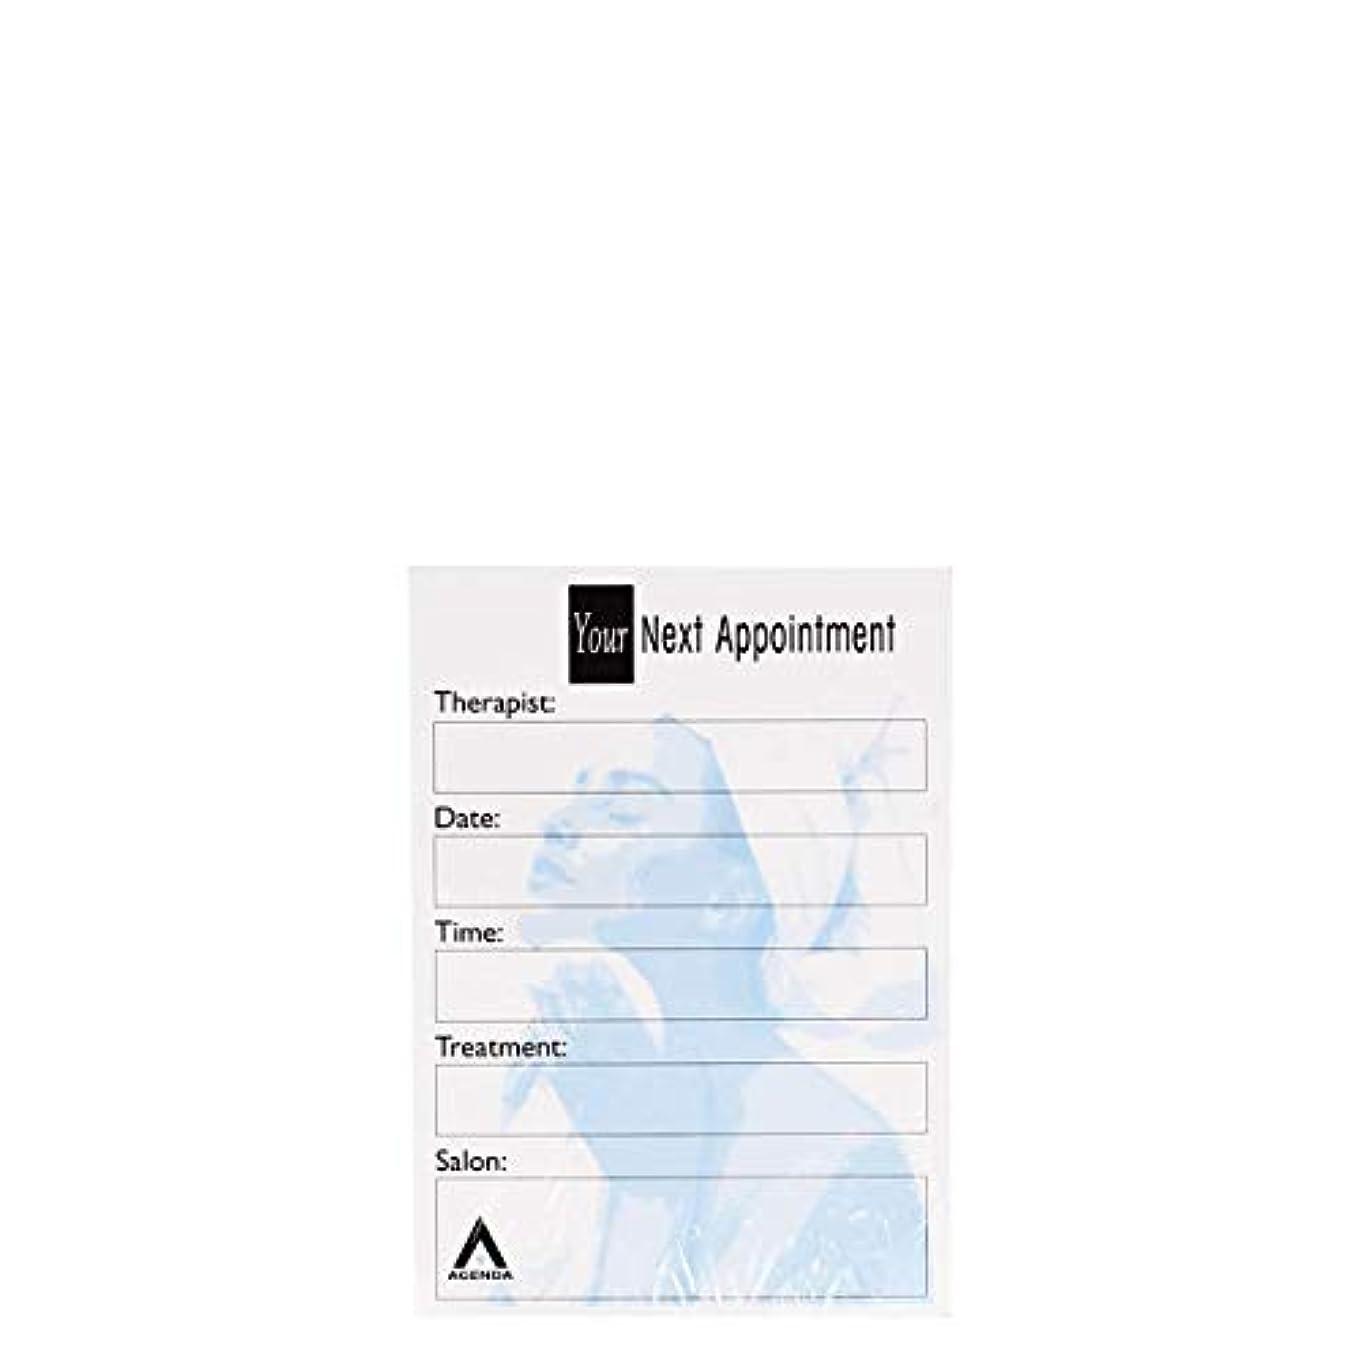 ダイジェスト組み合わせる休憩アジェンダ サロンコンセプト ネイルアポイントメントカードAP7B x100[海外直送品] [並行輸入品]